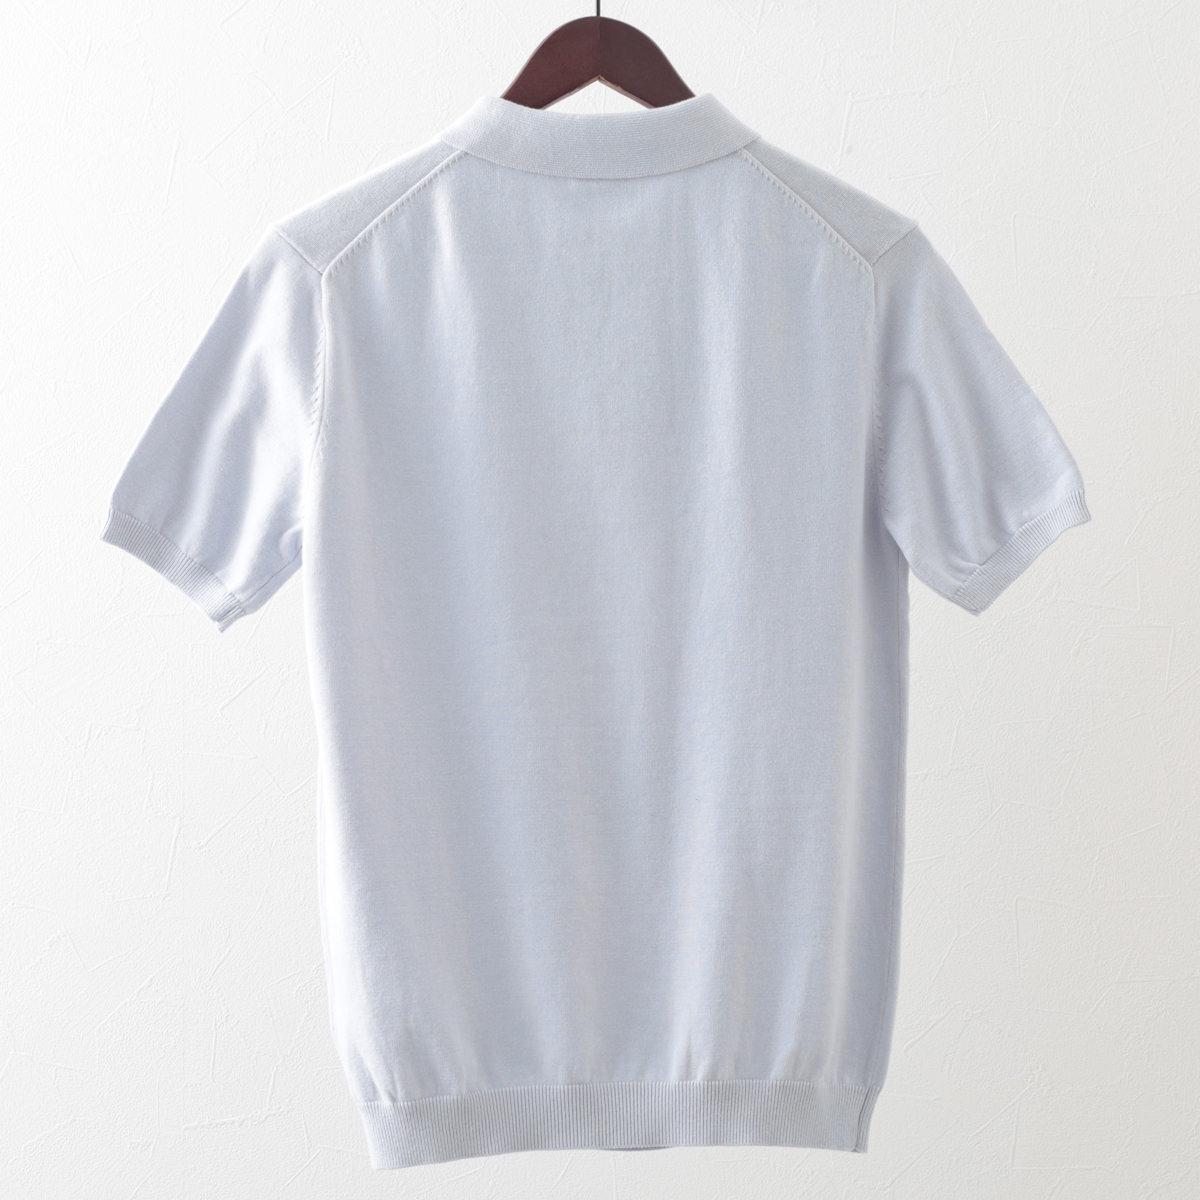 メルクロンドン メンズ ポロシャツ ポロ ニット ダイヤモンド Merc London 2色 ボーイブルー ダークスレート プレッピー モッズファッション